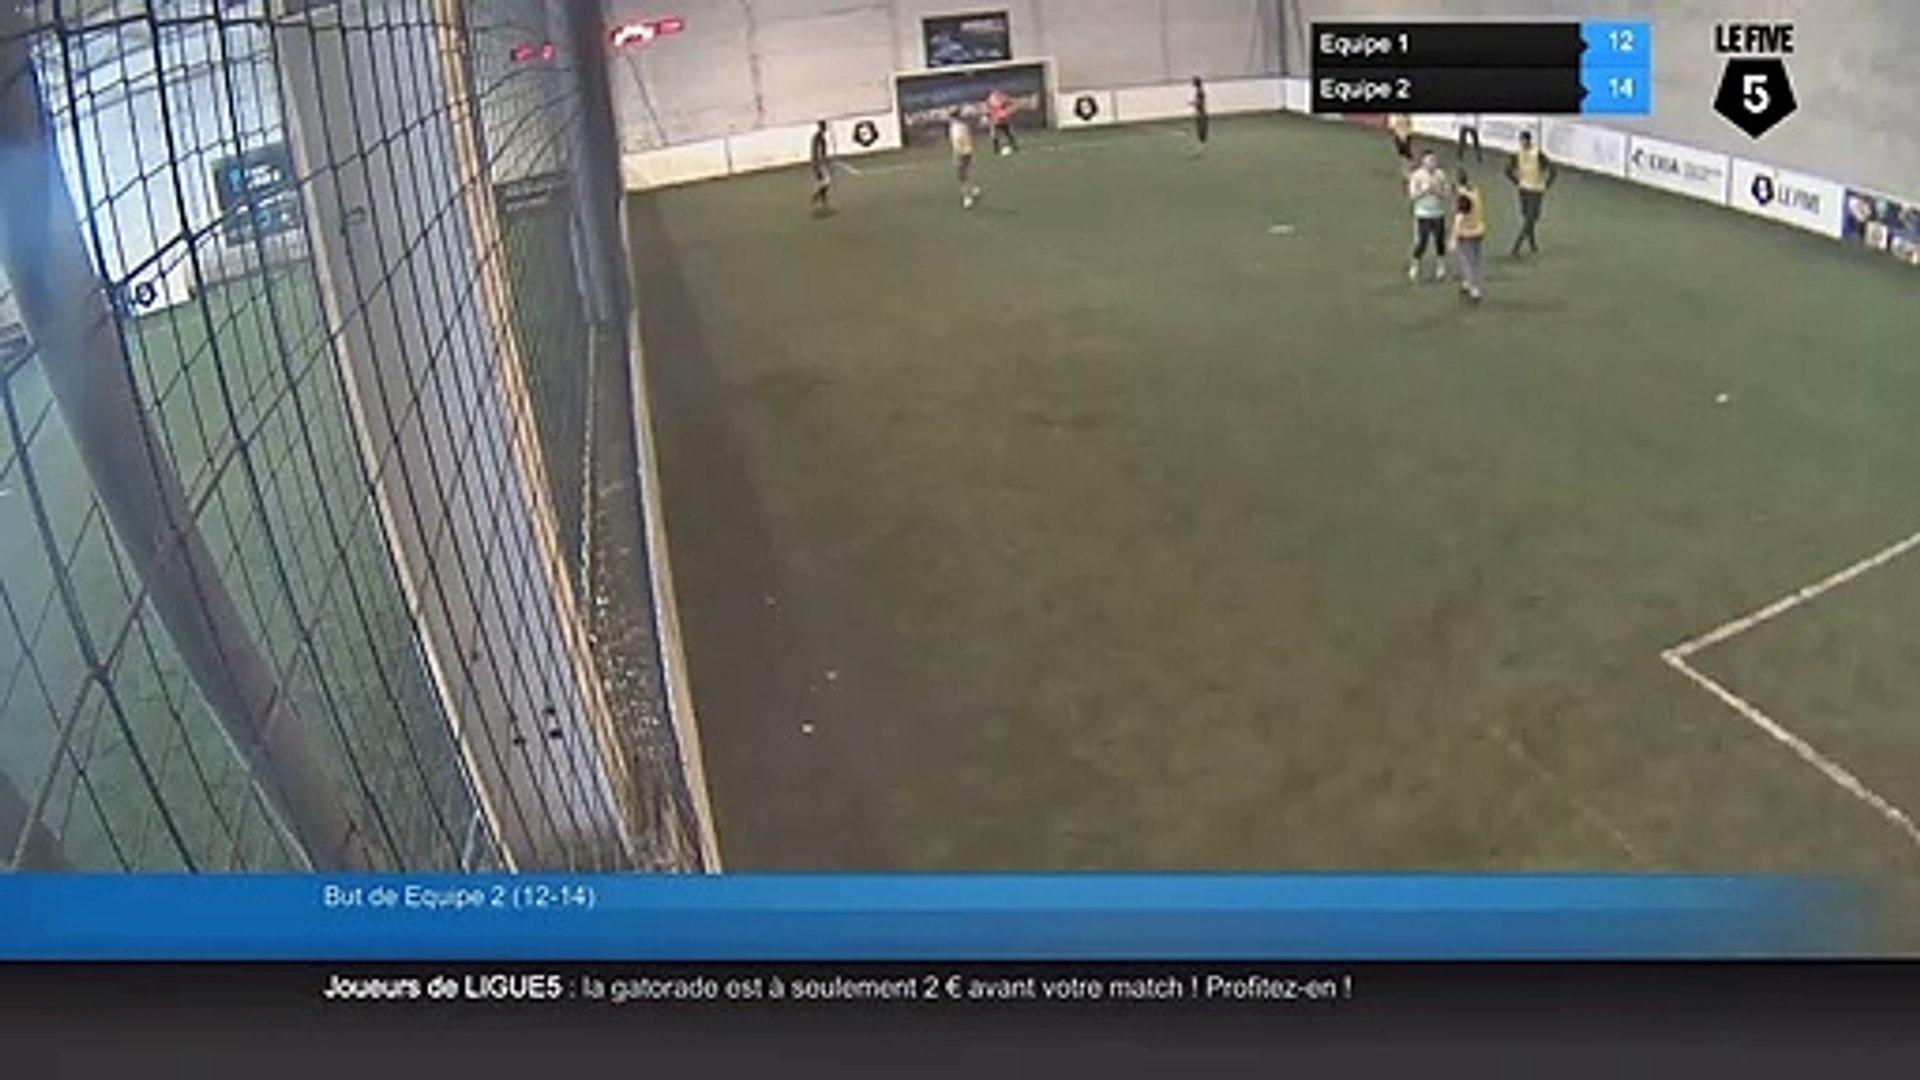 But de Equipe 2 (12-14) - Equipe 1 Vs Equipe 2 - 14/04/19 15:14 - Orleans Ingré (LeFive) Soccer Park